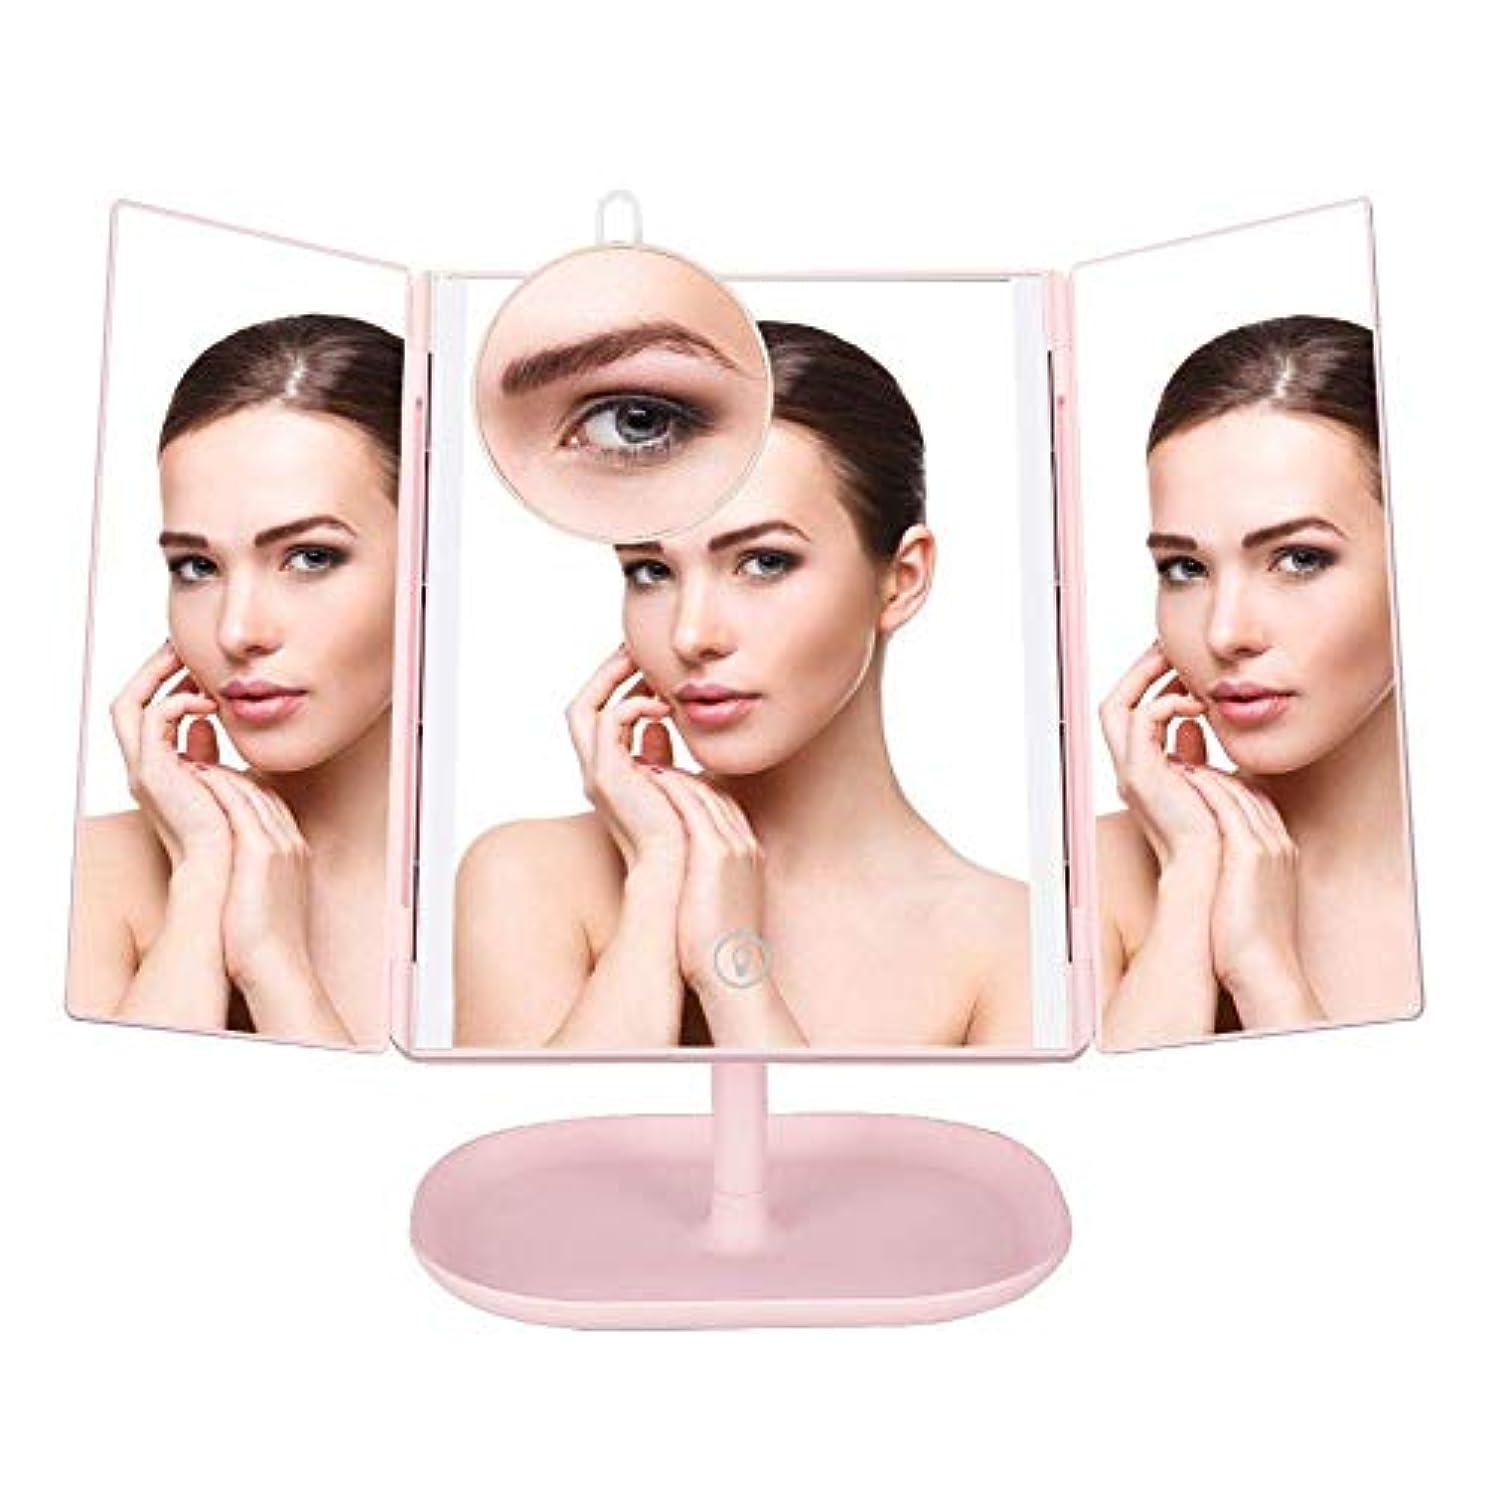 液体教育雄弁化粧鏡 DAOEJP 鏡 女優ミラー LEDライト 卓上 鏡 10倍拡大鏡付き 折りたたみ 角度自由調整 180°回転 電池式 USB充電